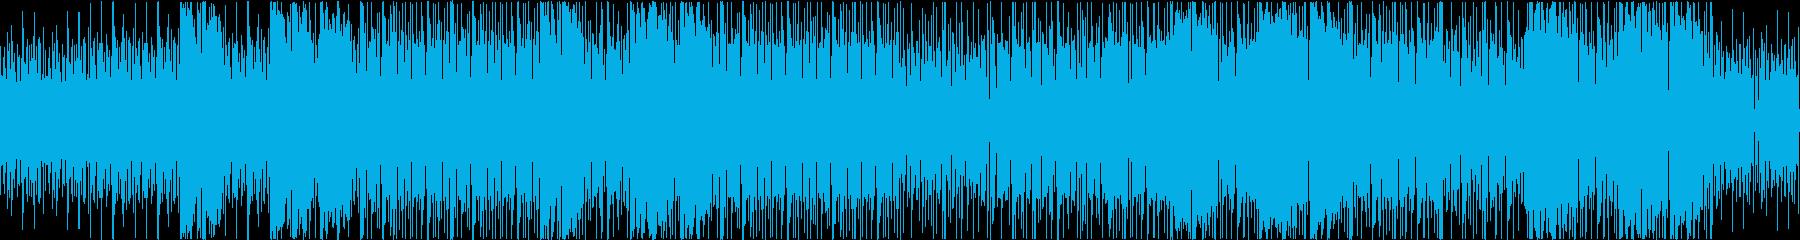 生音にこだわった夏&南国風のインストの再生済みの波形